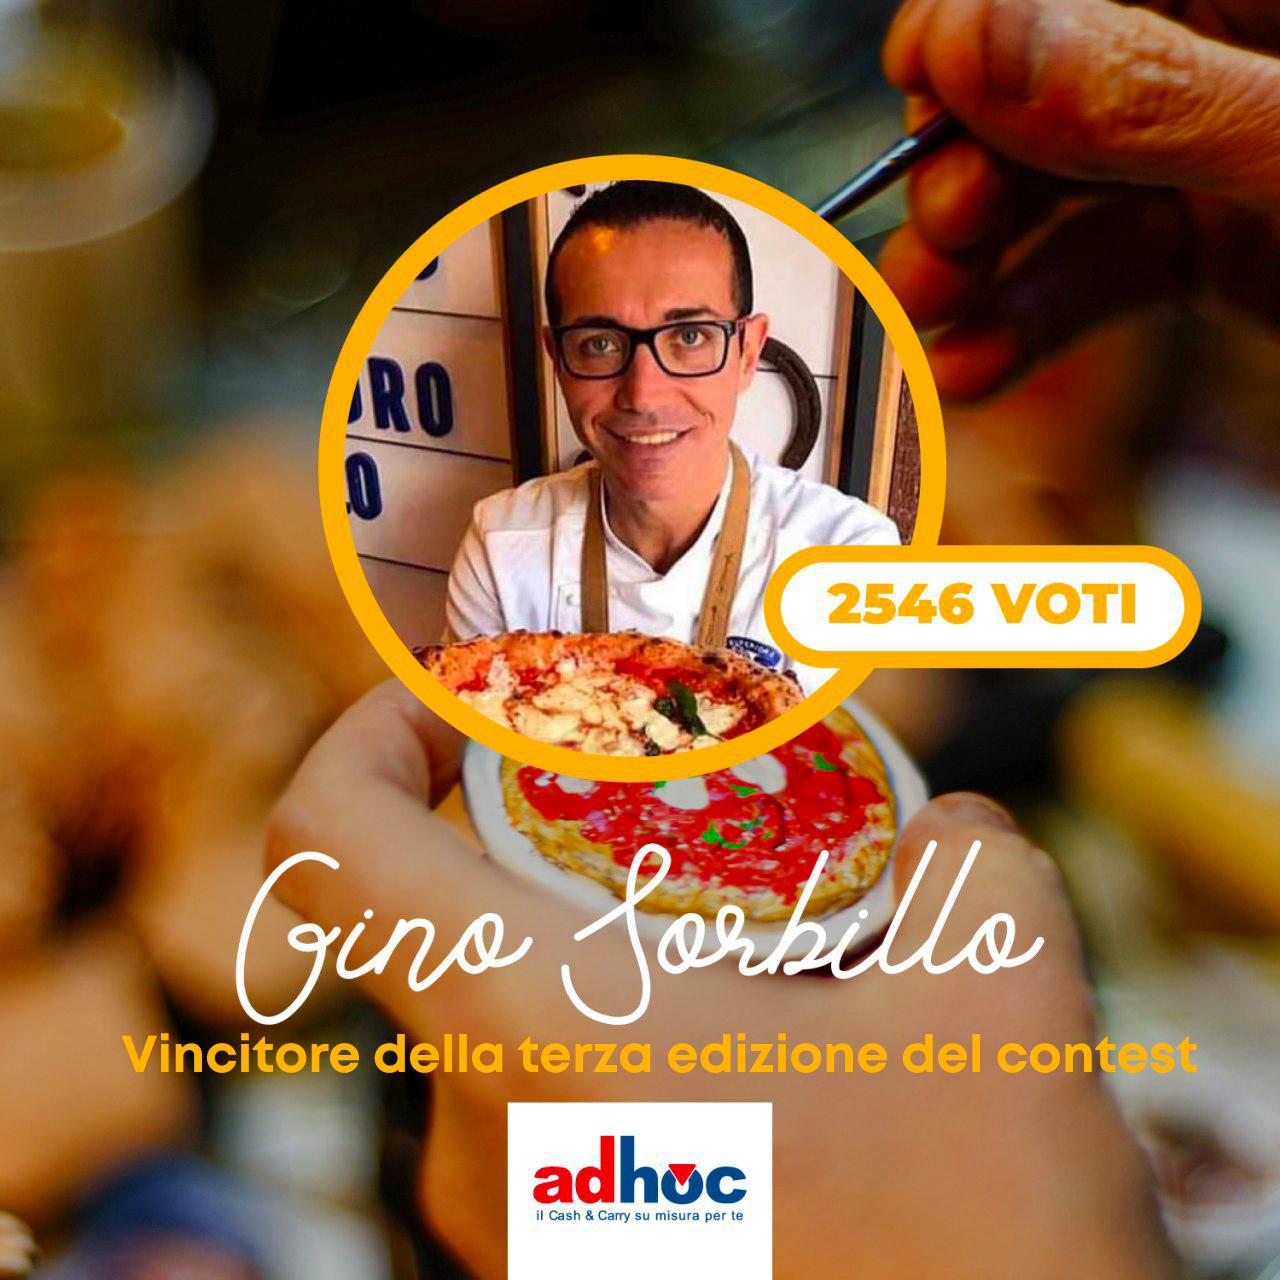 """Gino Sorbillo vince """"Un pizzaiolo Adhoc nel presepe di Ferrigno"""""""